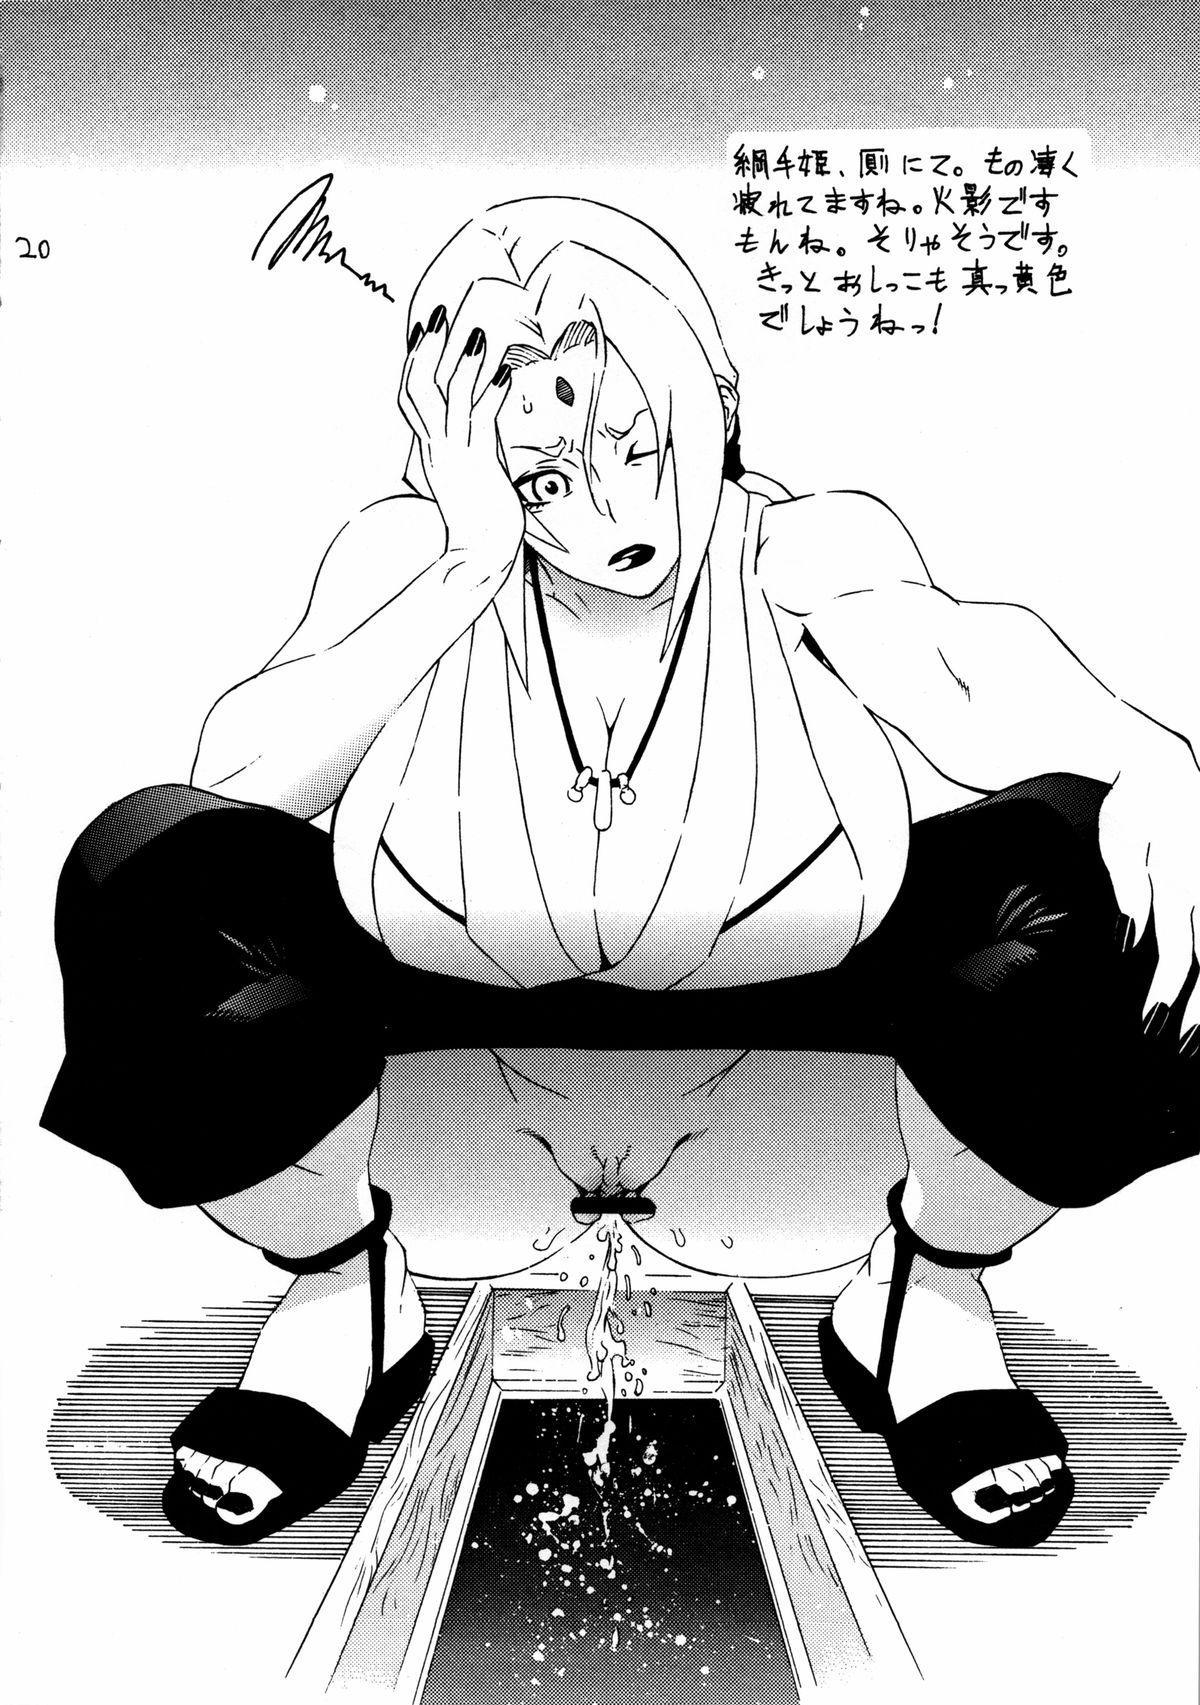 Tonikaku Suki Chara wo Hitasura ni Kaite Kaite Kakimakutta dake no Hon 20